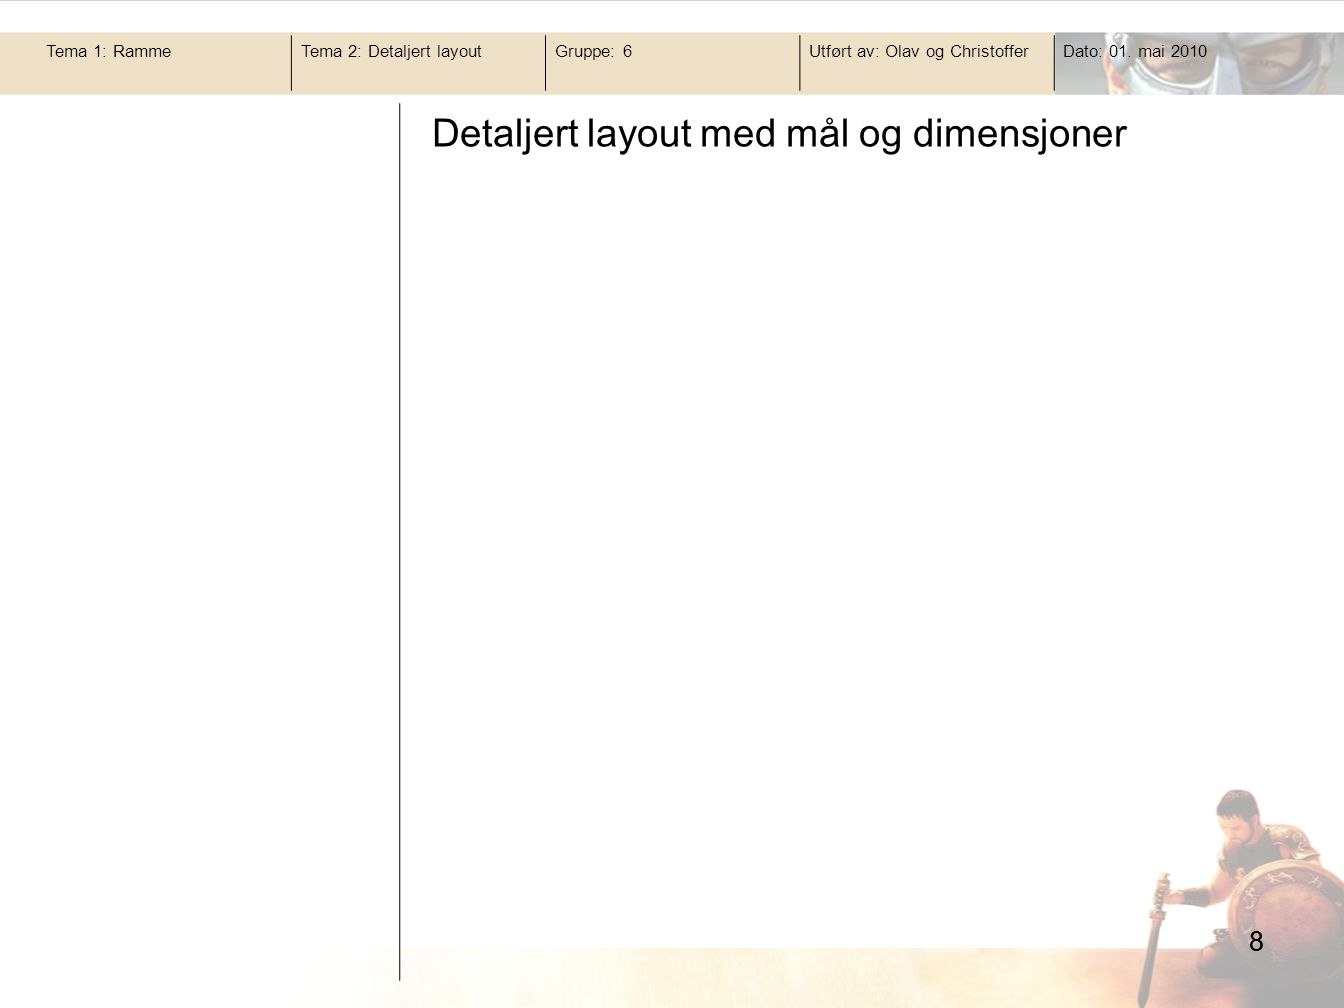 Detaljert layout med mål og dimensjoner 8 Tema 1: RammeTema 2: Detaljert layoutGruppe: 6Utført av: Olav og ChristofferDato: 01. mai 2010 8